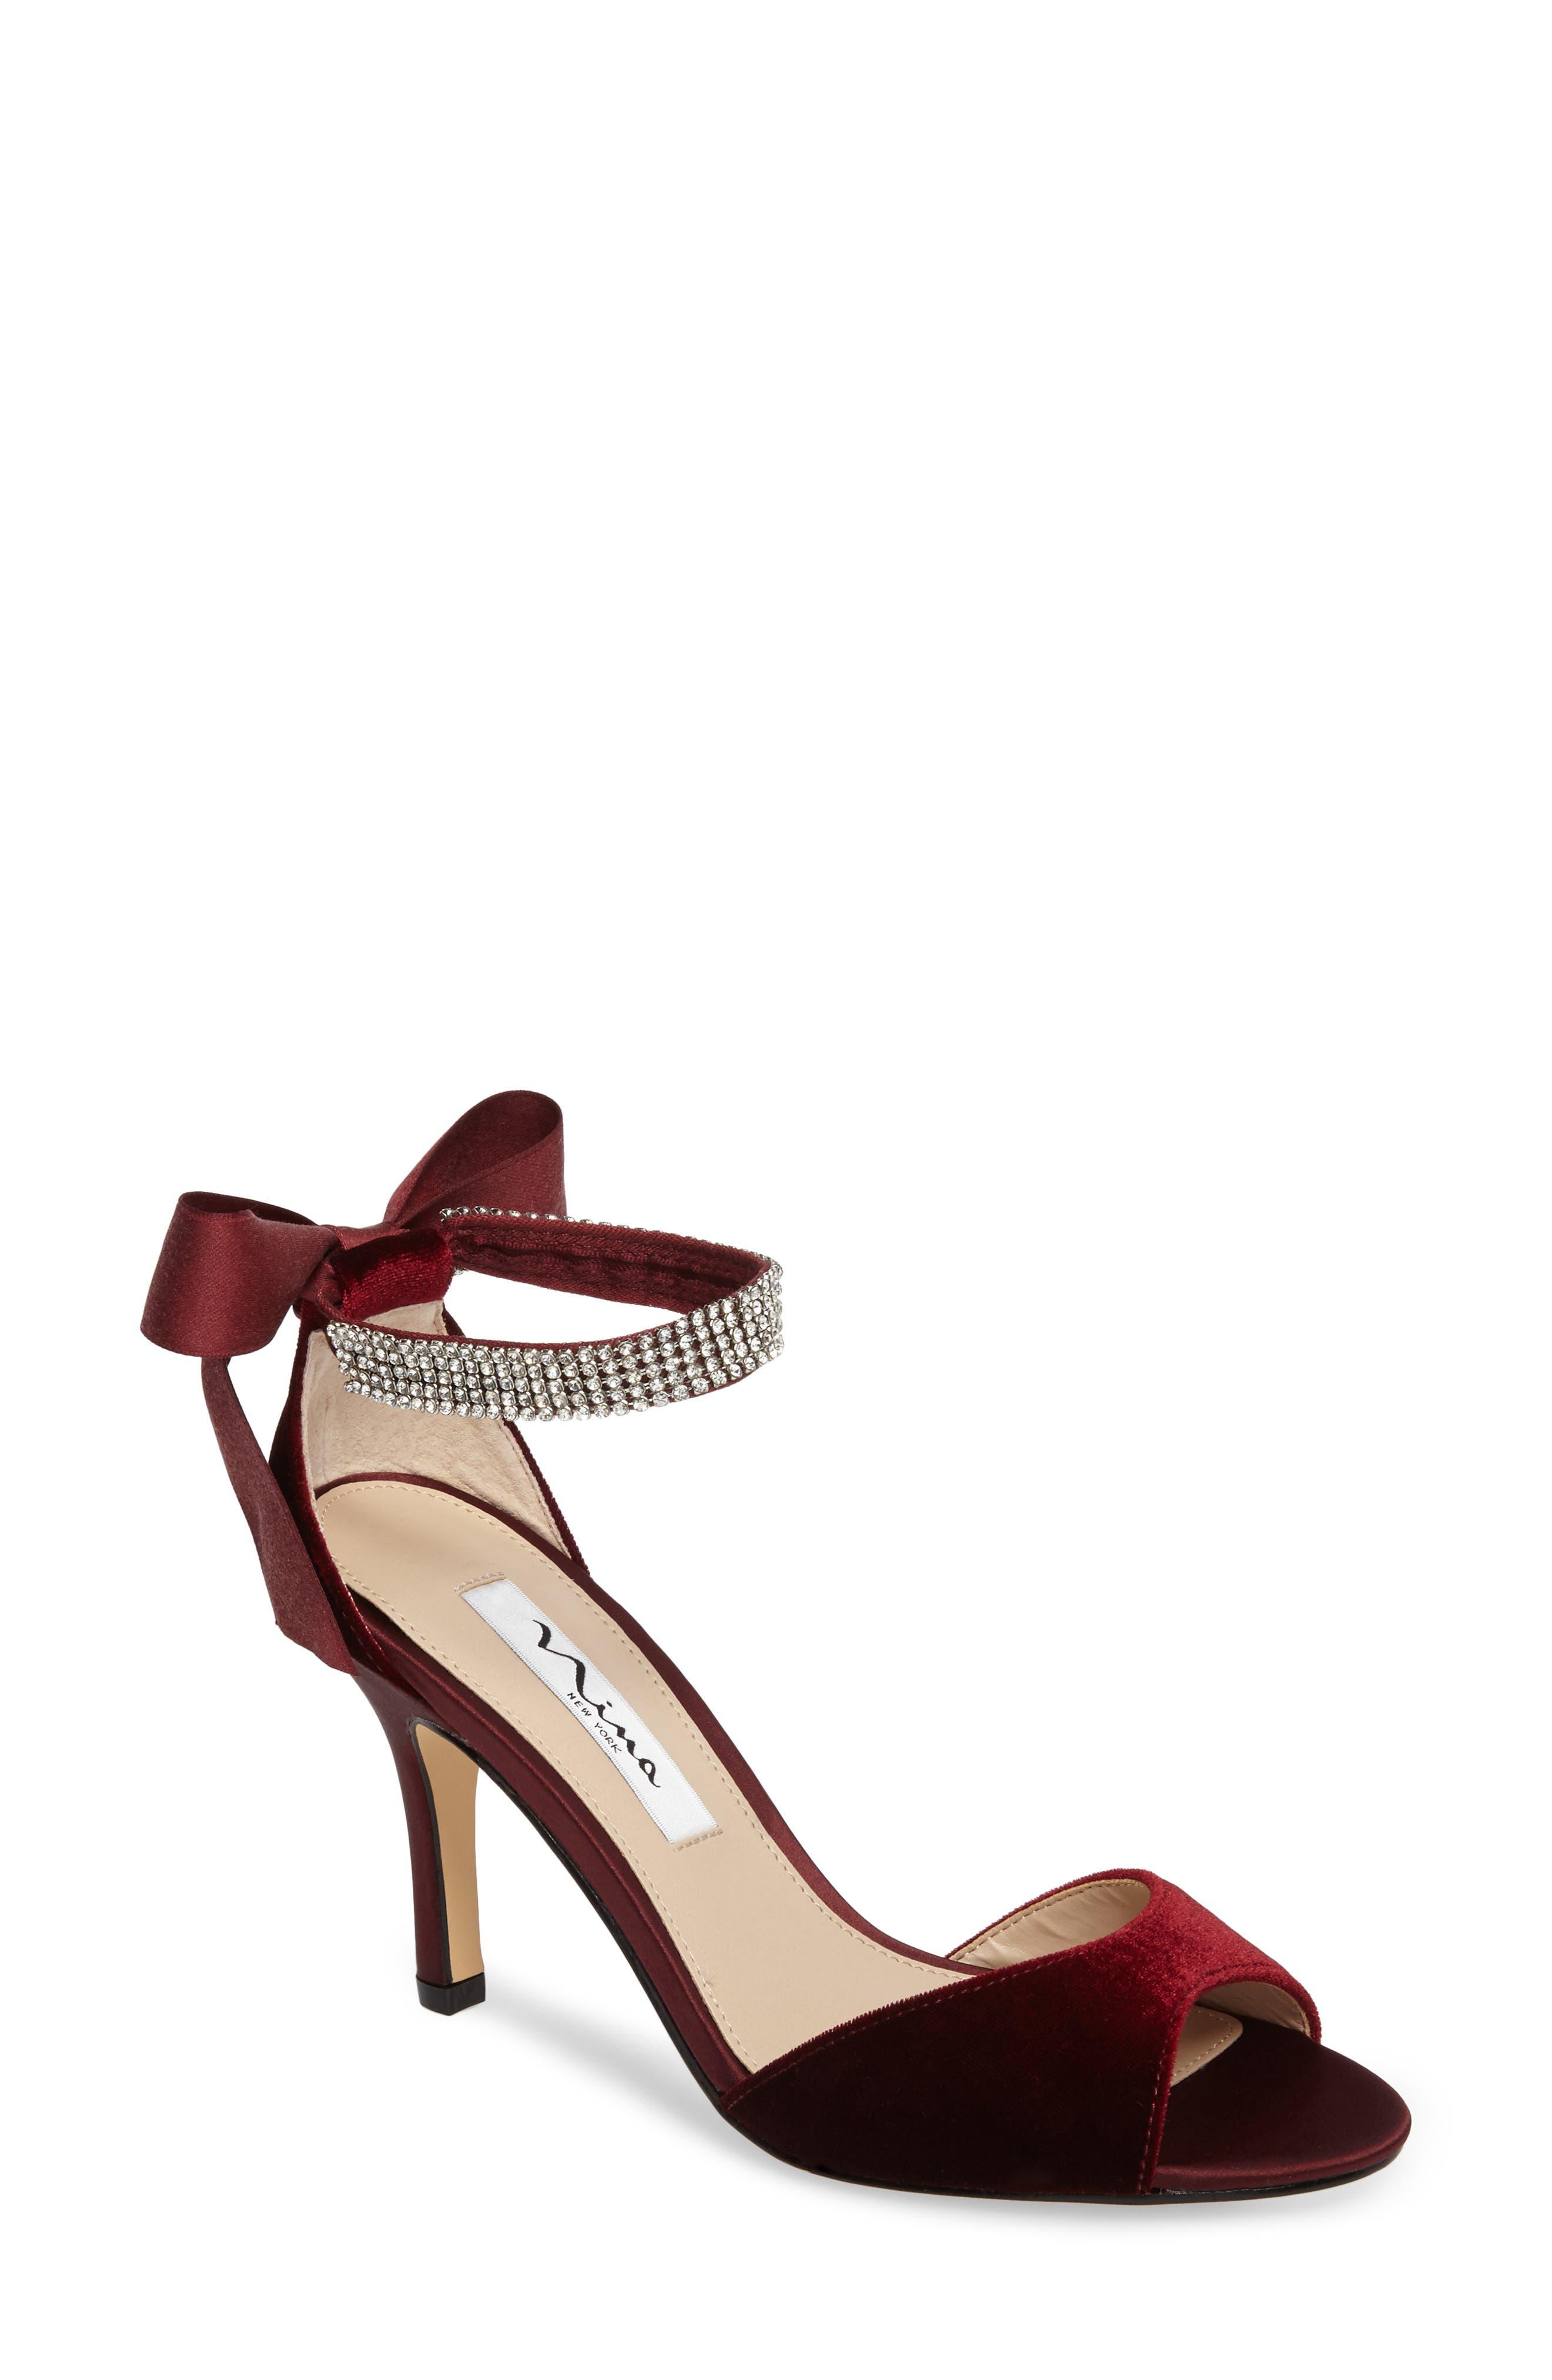 Main Image - Nina 'Vinnie' Crystal Embellished Ankle Strap Sandal (Women)